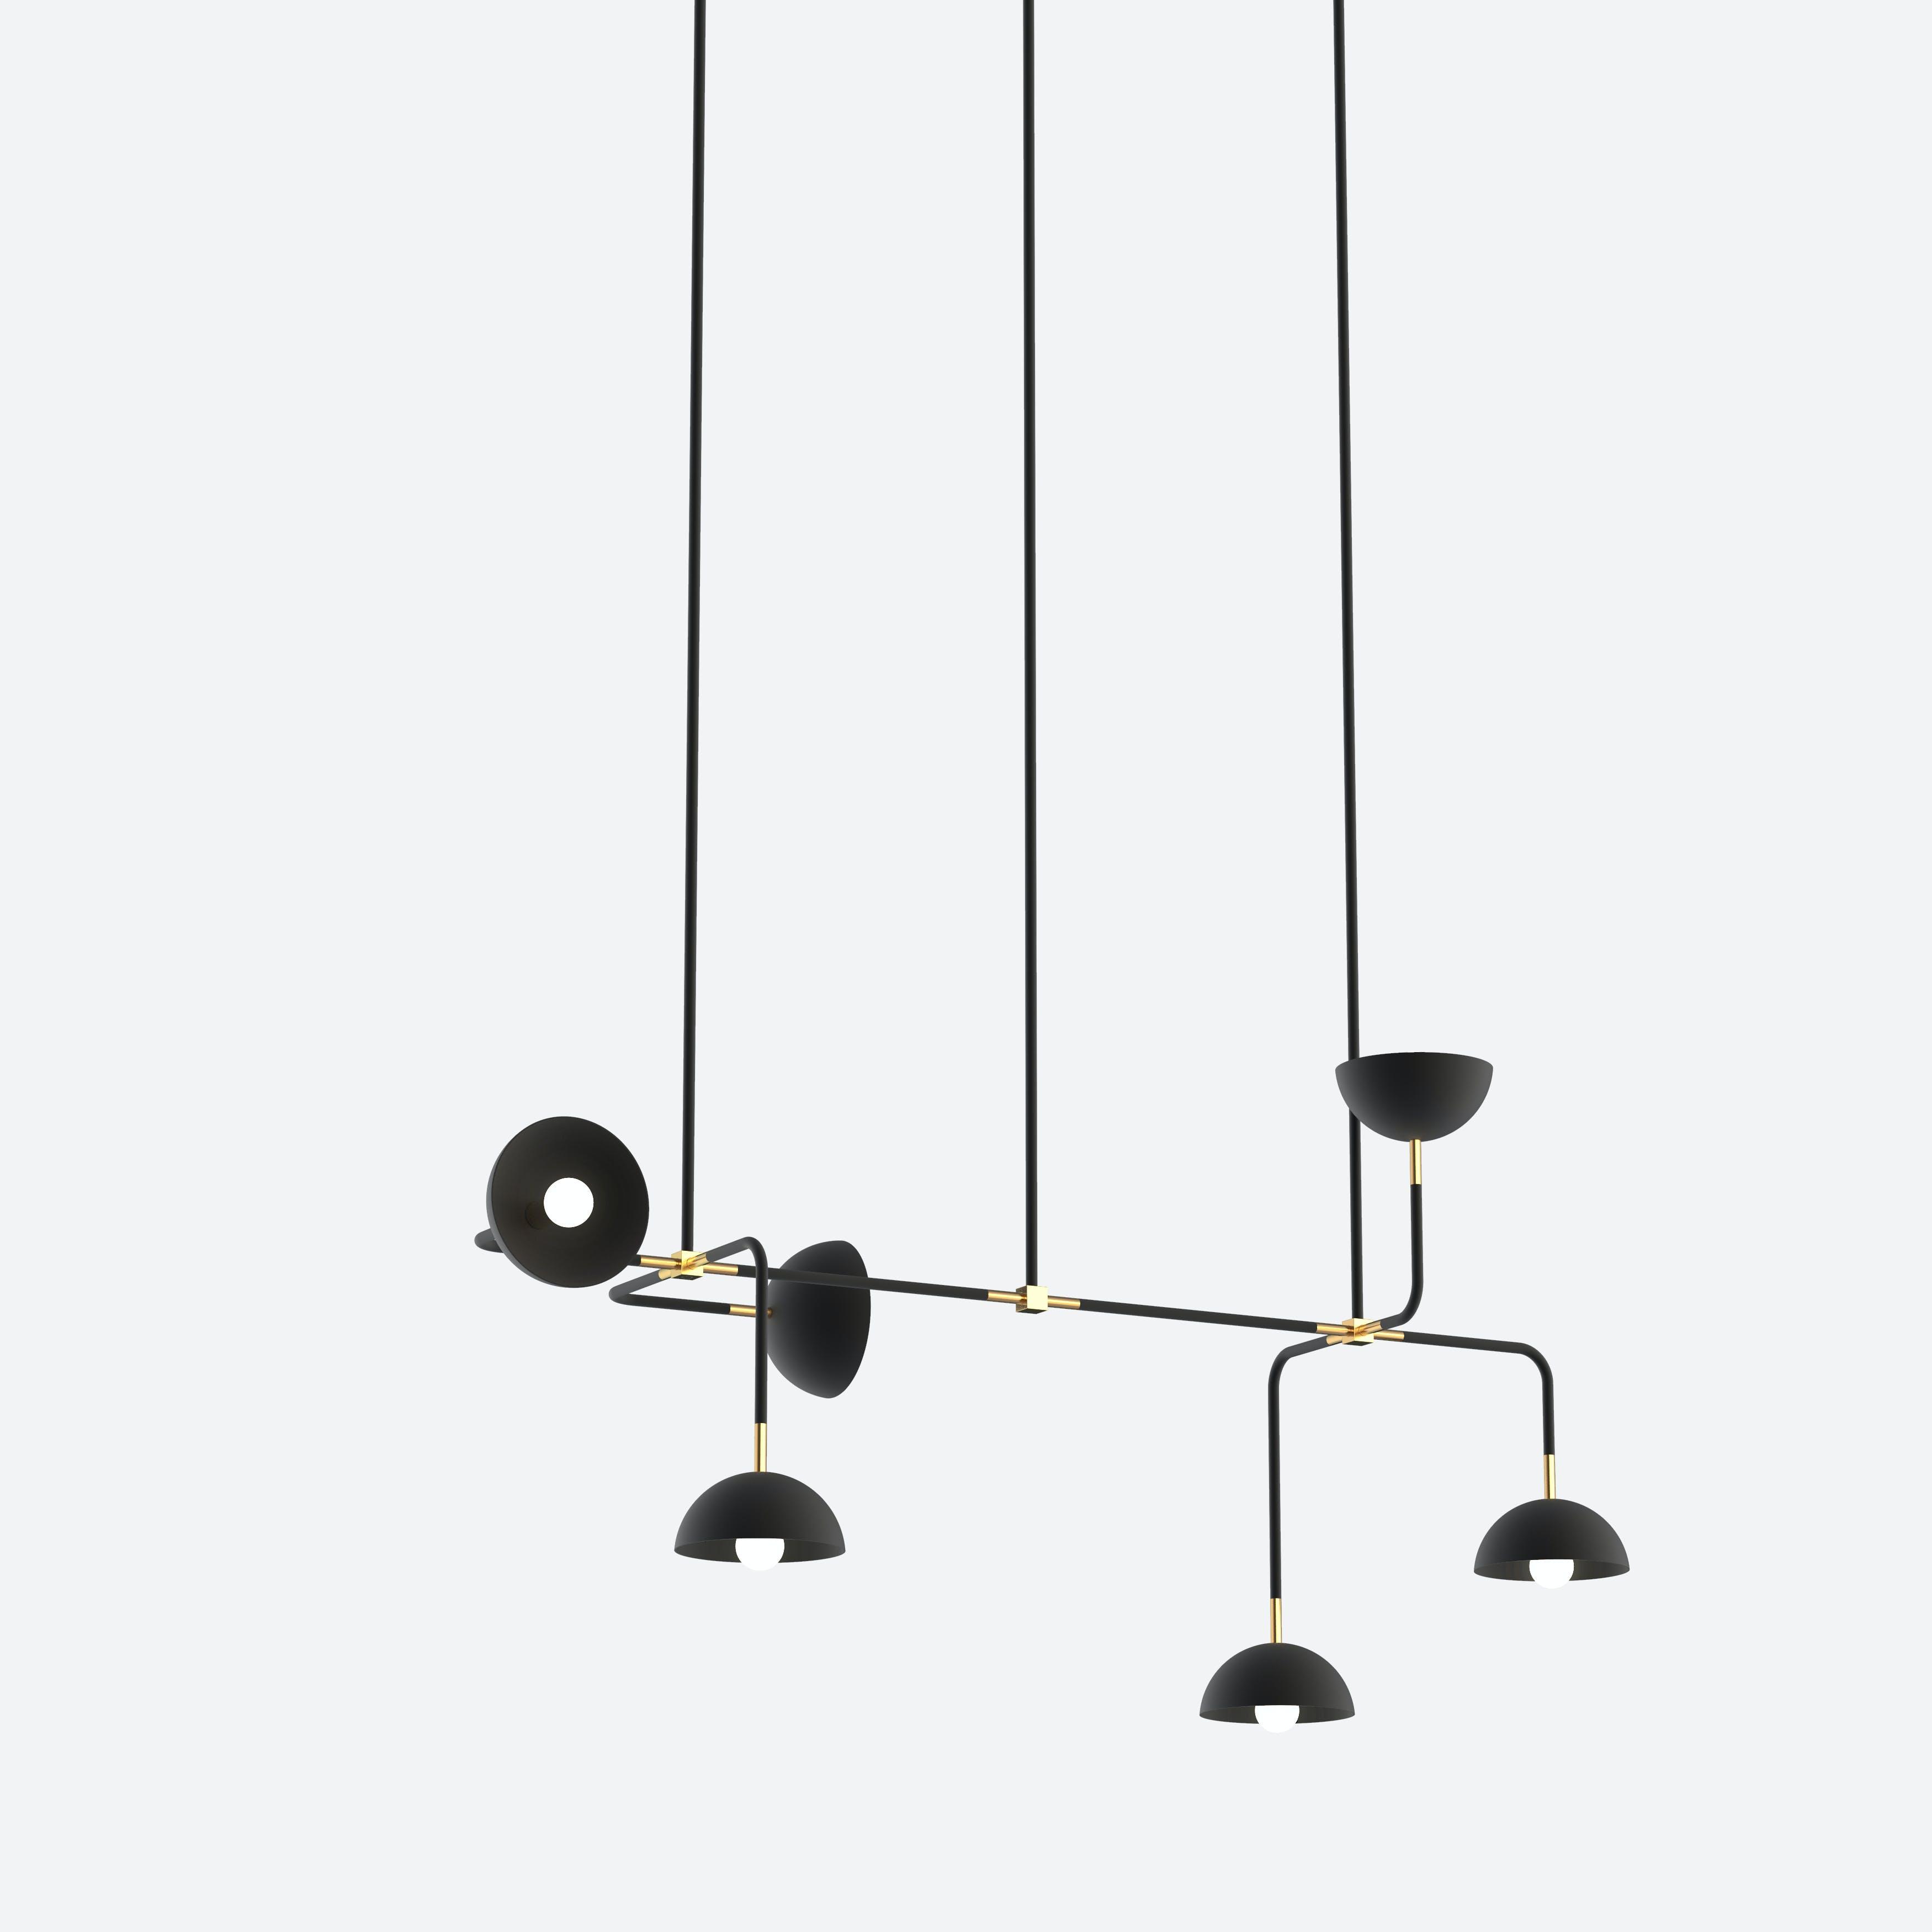 lambert & fils beaubien 08 hanging light haute living